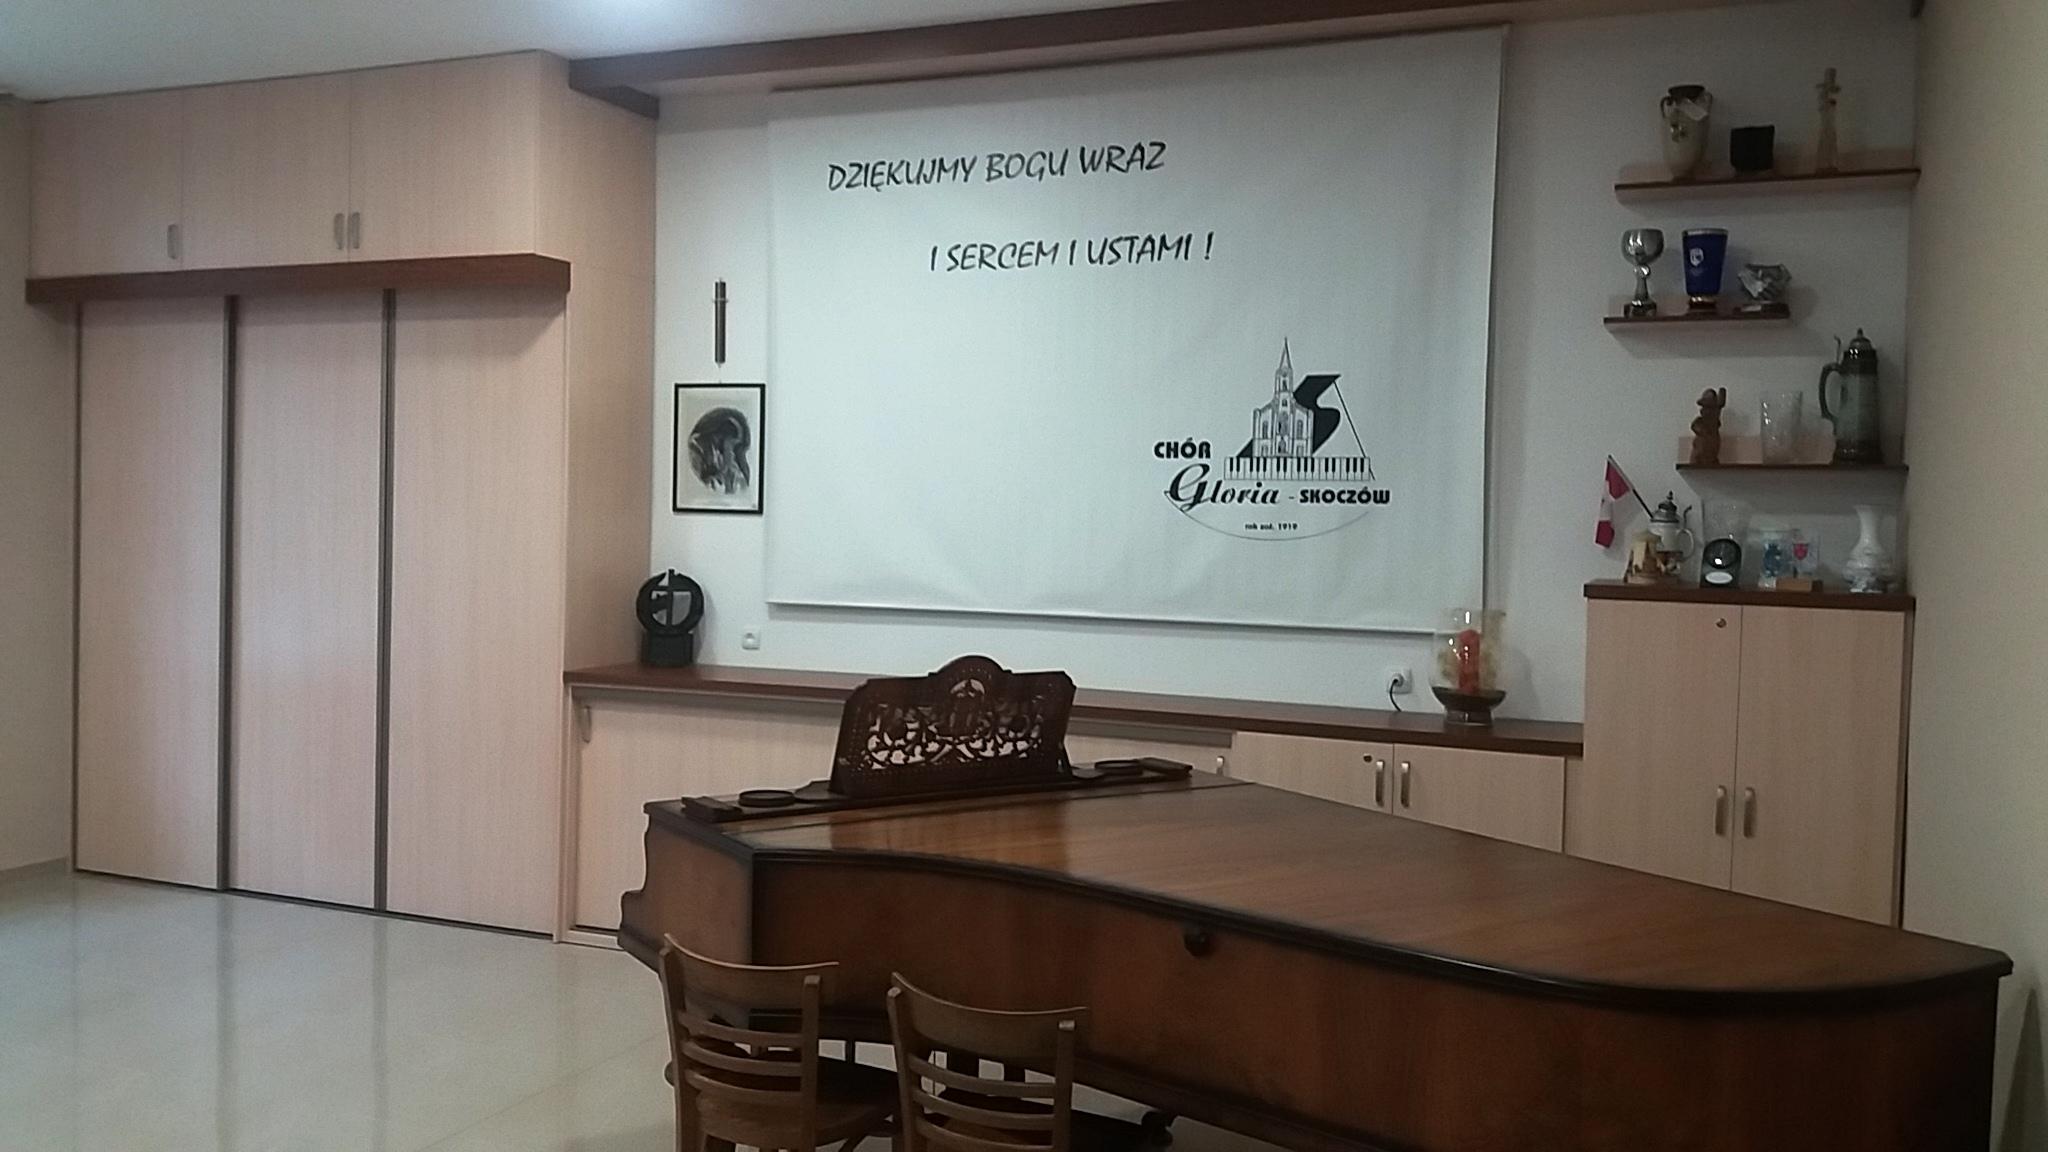 sala chórowa po remoncie